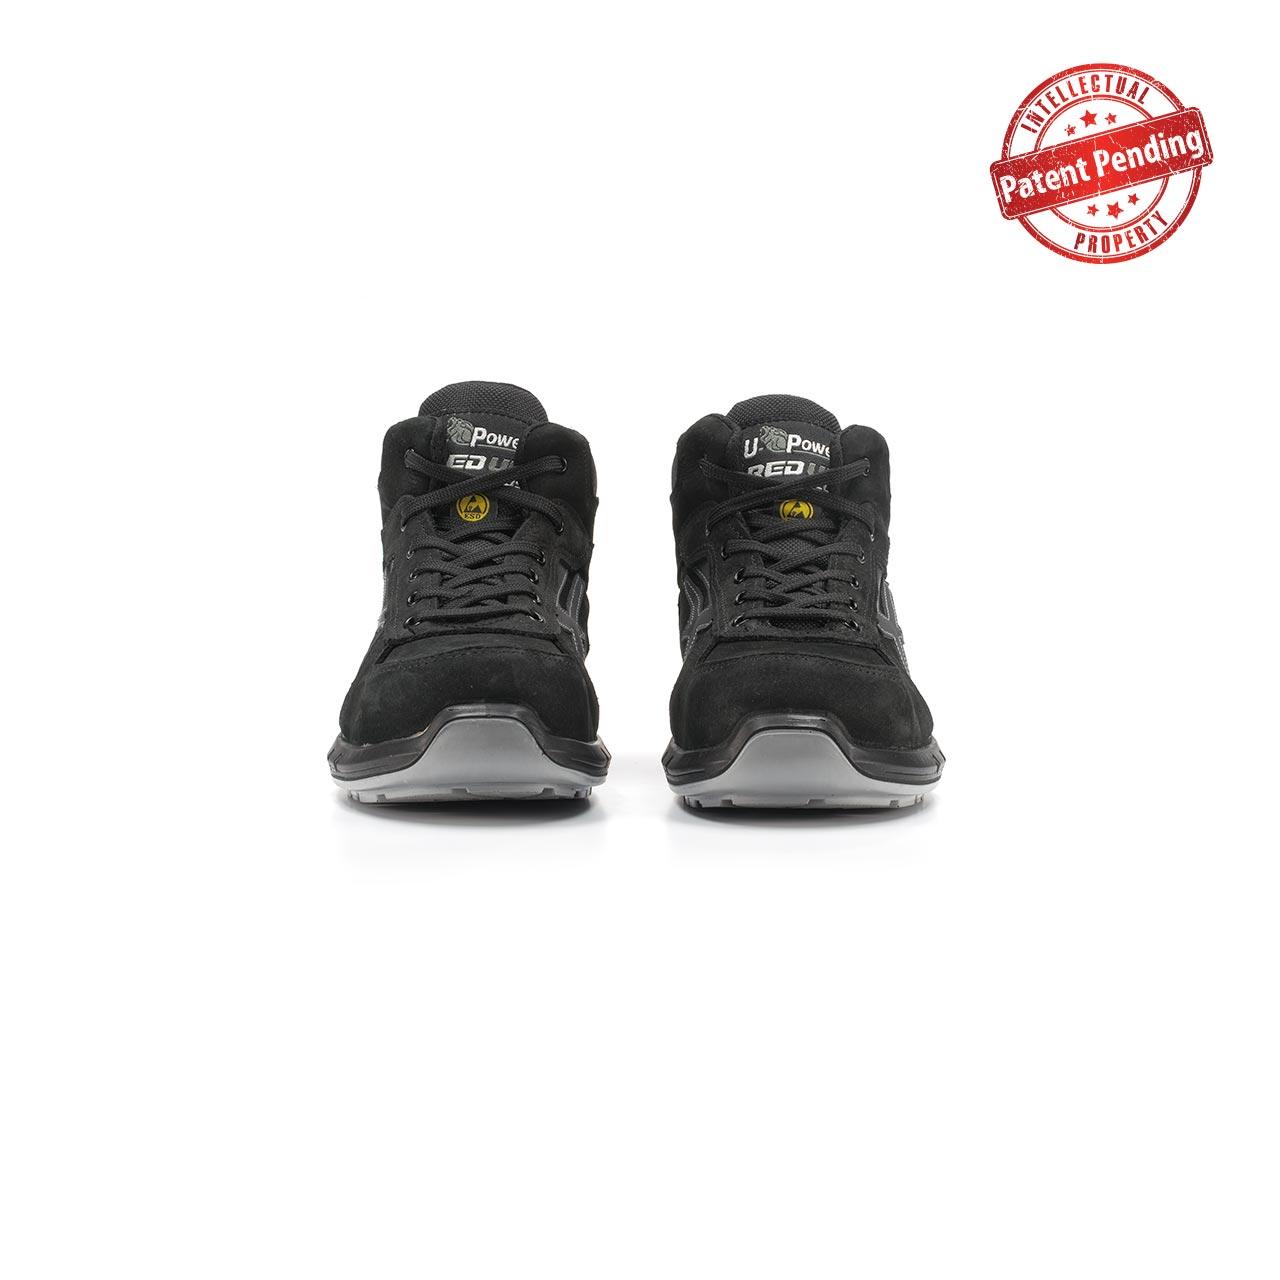 paio di scarpe antinfortunistiche alte upower modello nek plus linea redup plus vista frontale